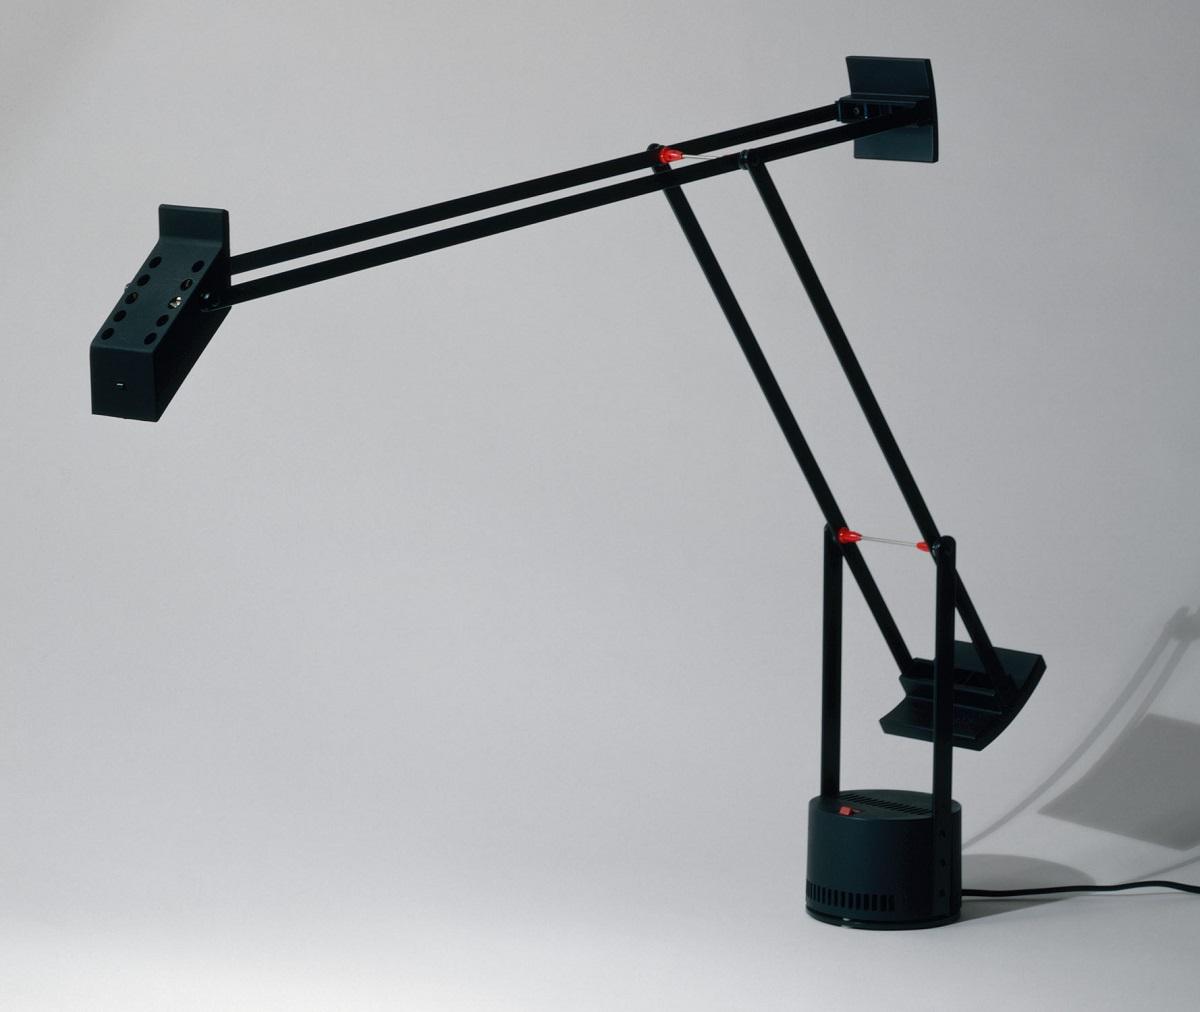 Scopriamo le lampade da tavolo design famose, quelle che hanno rivoluzionato il settore dell'illuminazione. Le Lampade Da Scrivania Di Design Piu Iconiche Design Street